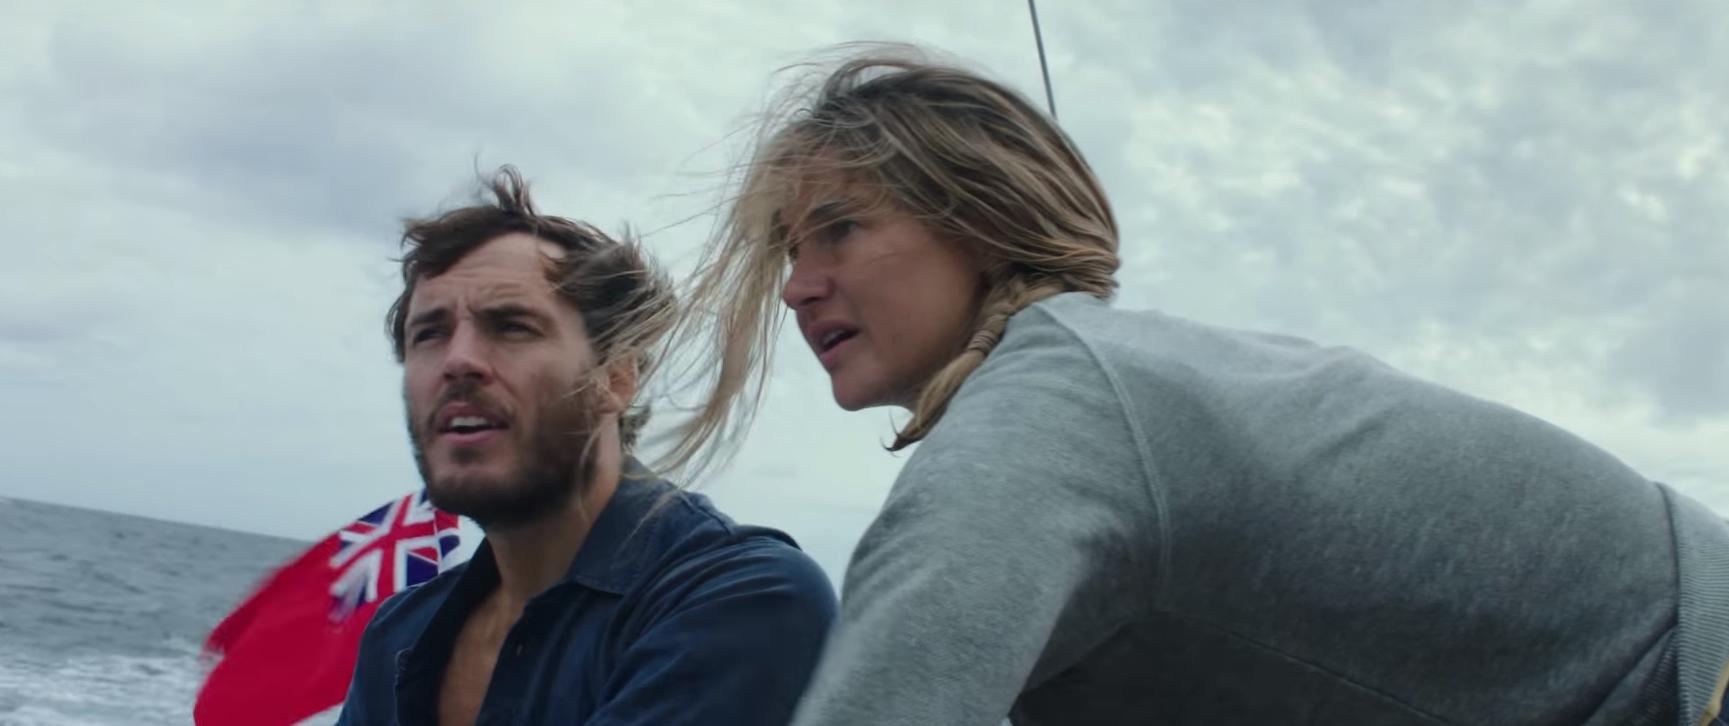 Shailene Woodley e Sam Claflin enfrentam furacão em trailer do drama 'Adrift'; assista!